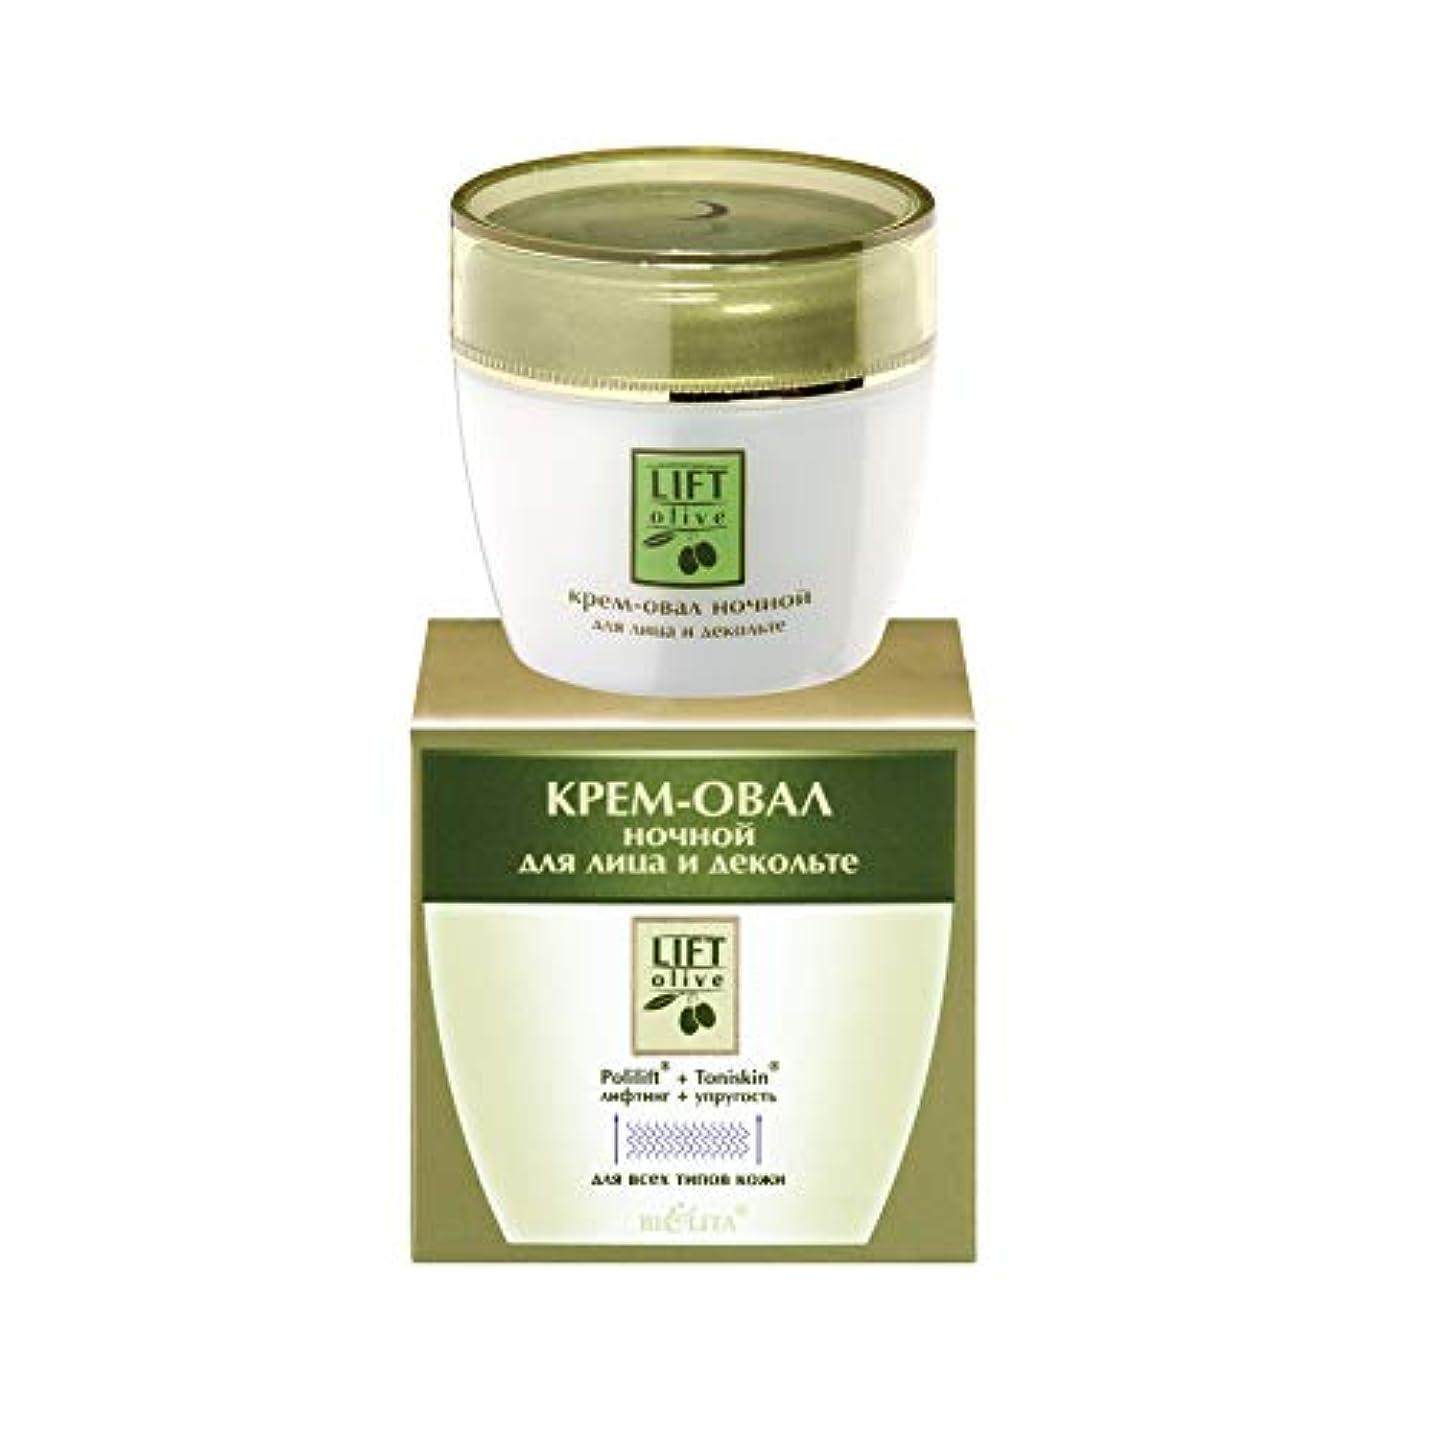 雪の仮装業界Bielita & Vitex | Lift Olive Line | Night Contour Cream for Face and Neck 30+ for All Skin Types, 50 ml | Olive...